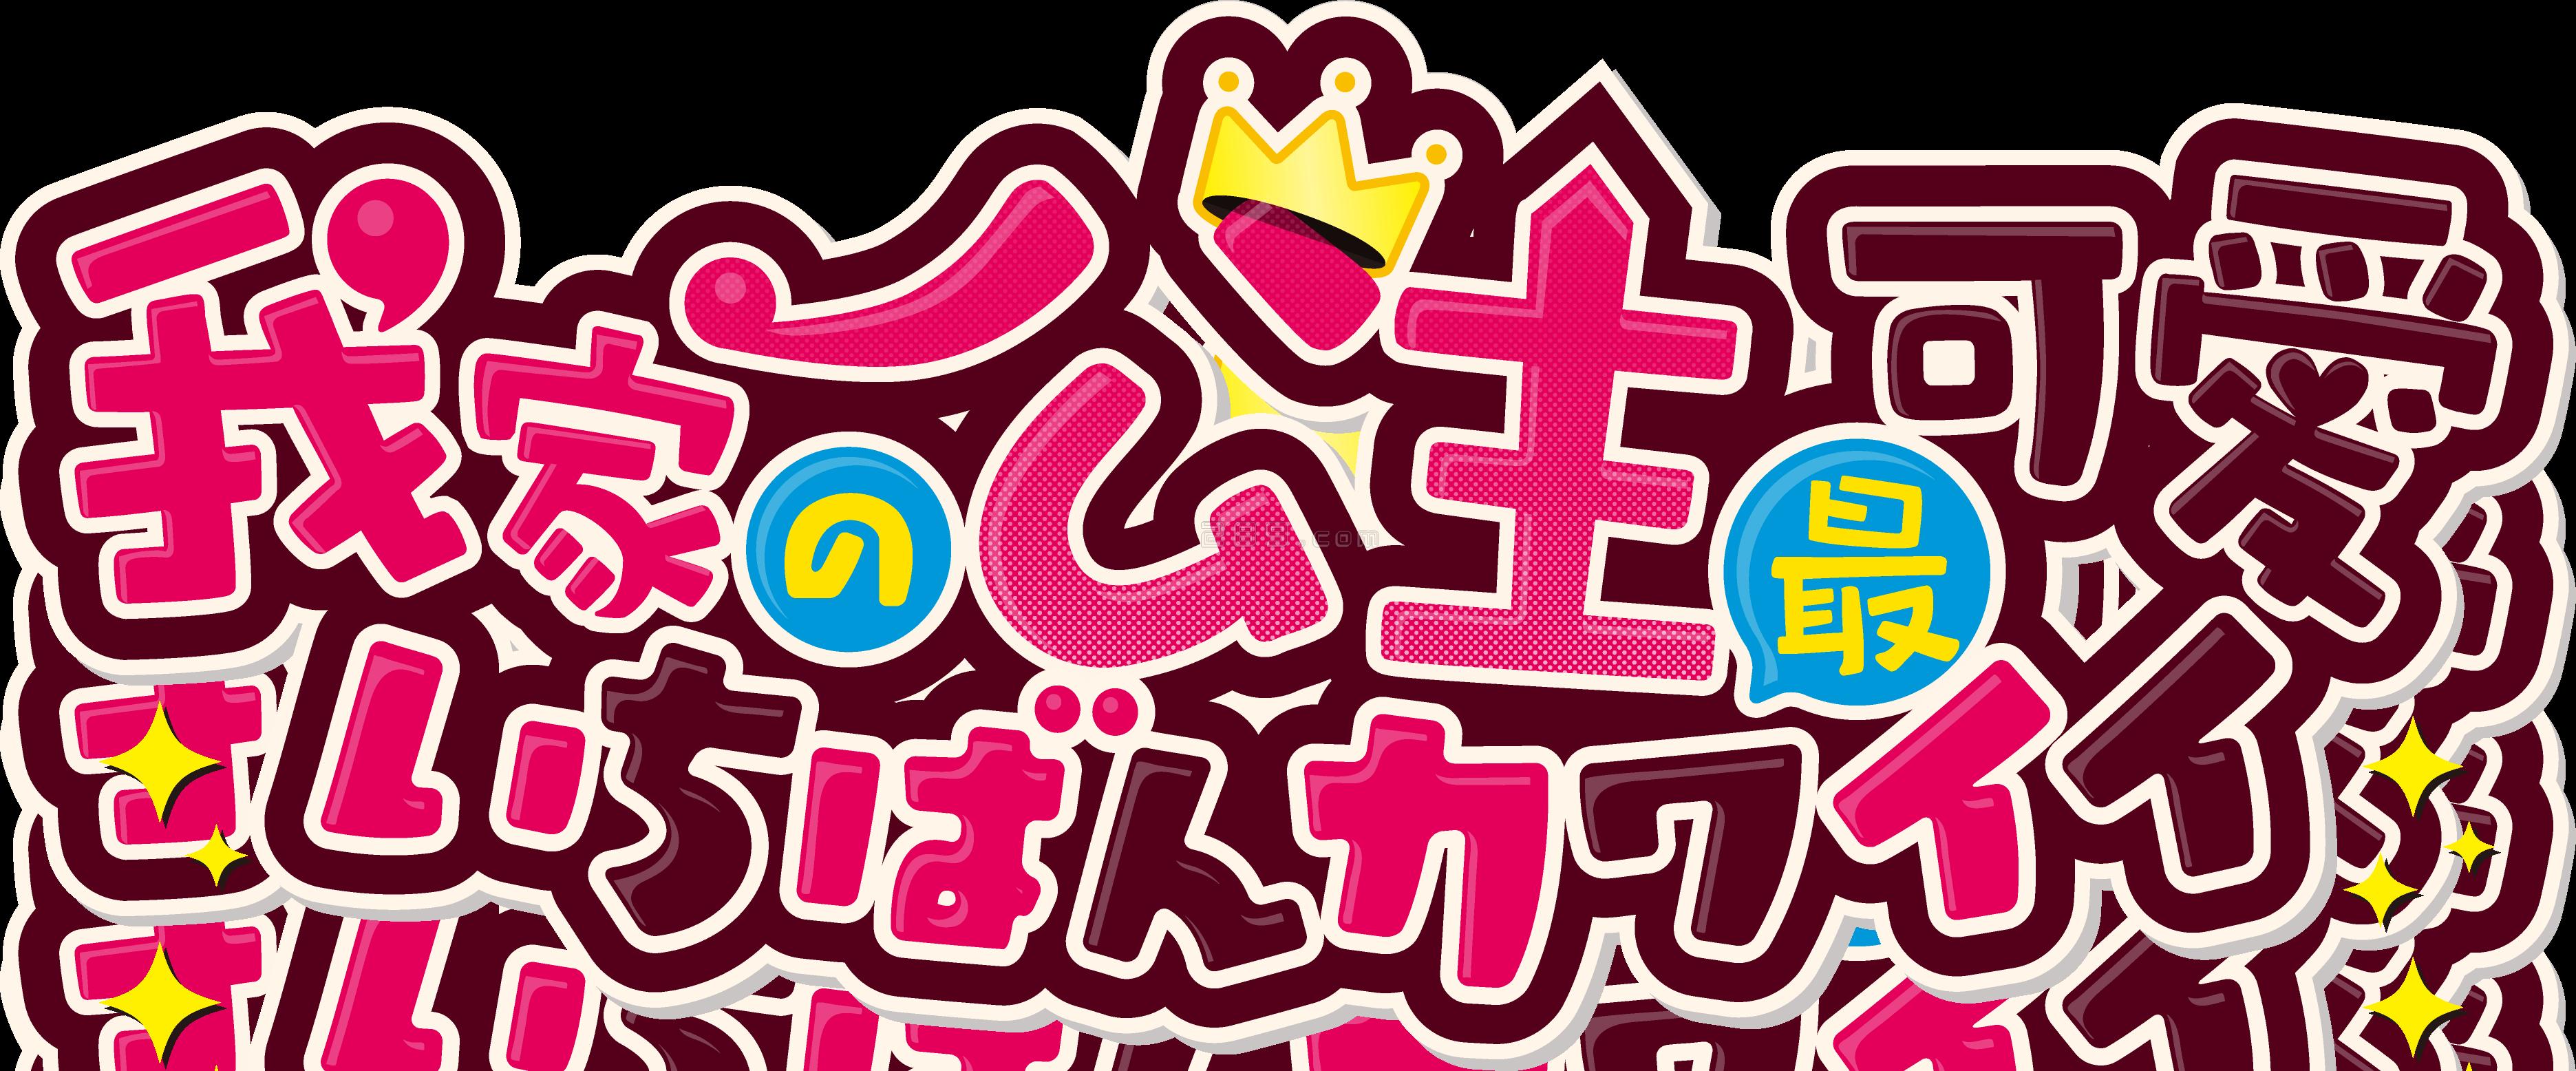 搜寻「我的公主最可爱」关键字,便可以立即下载游戏!